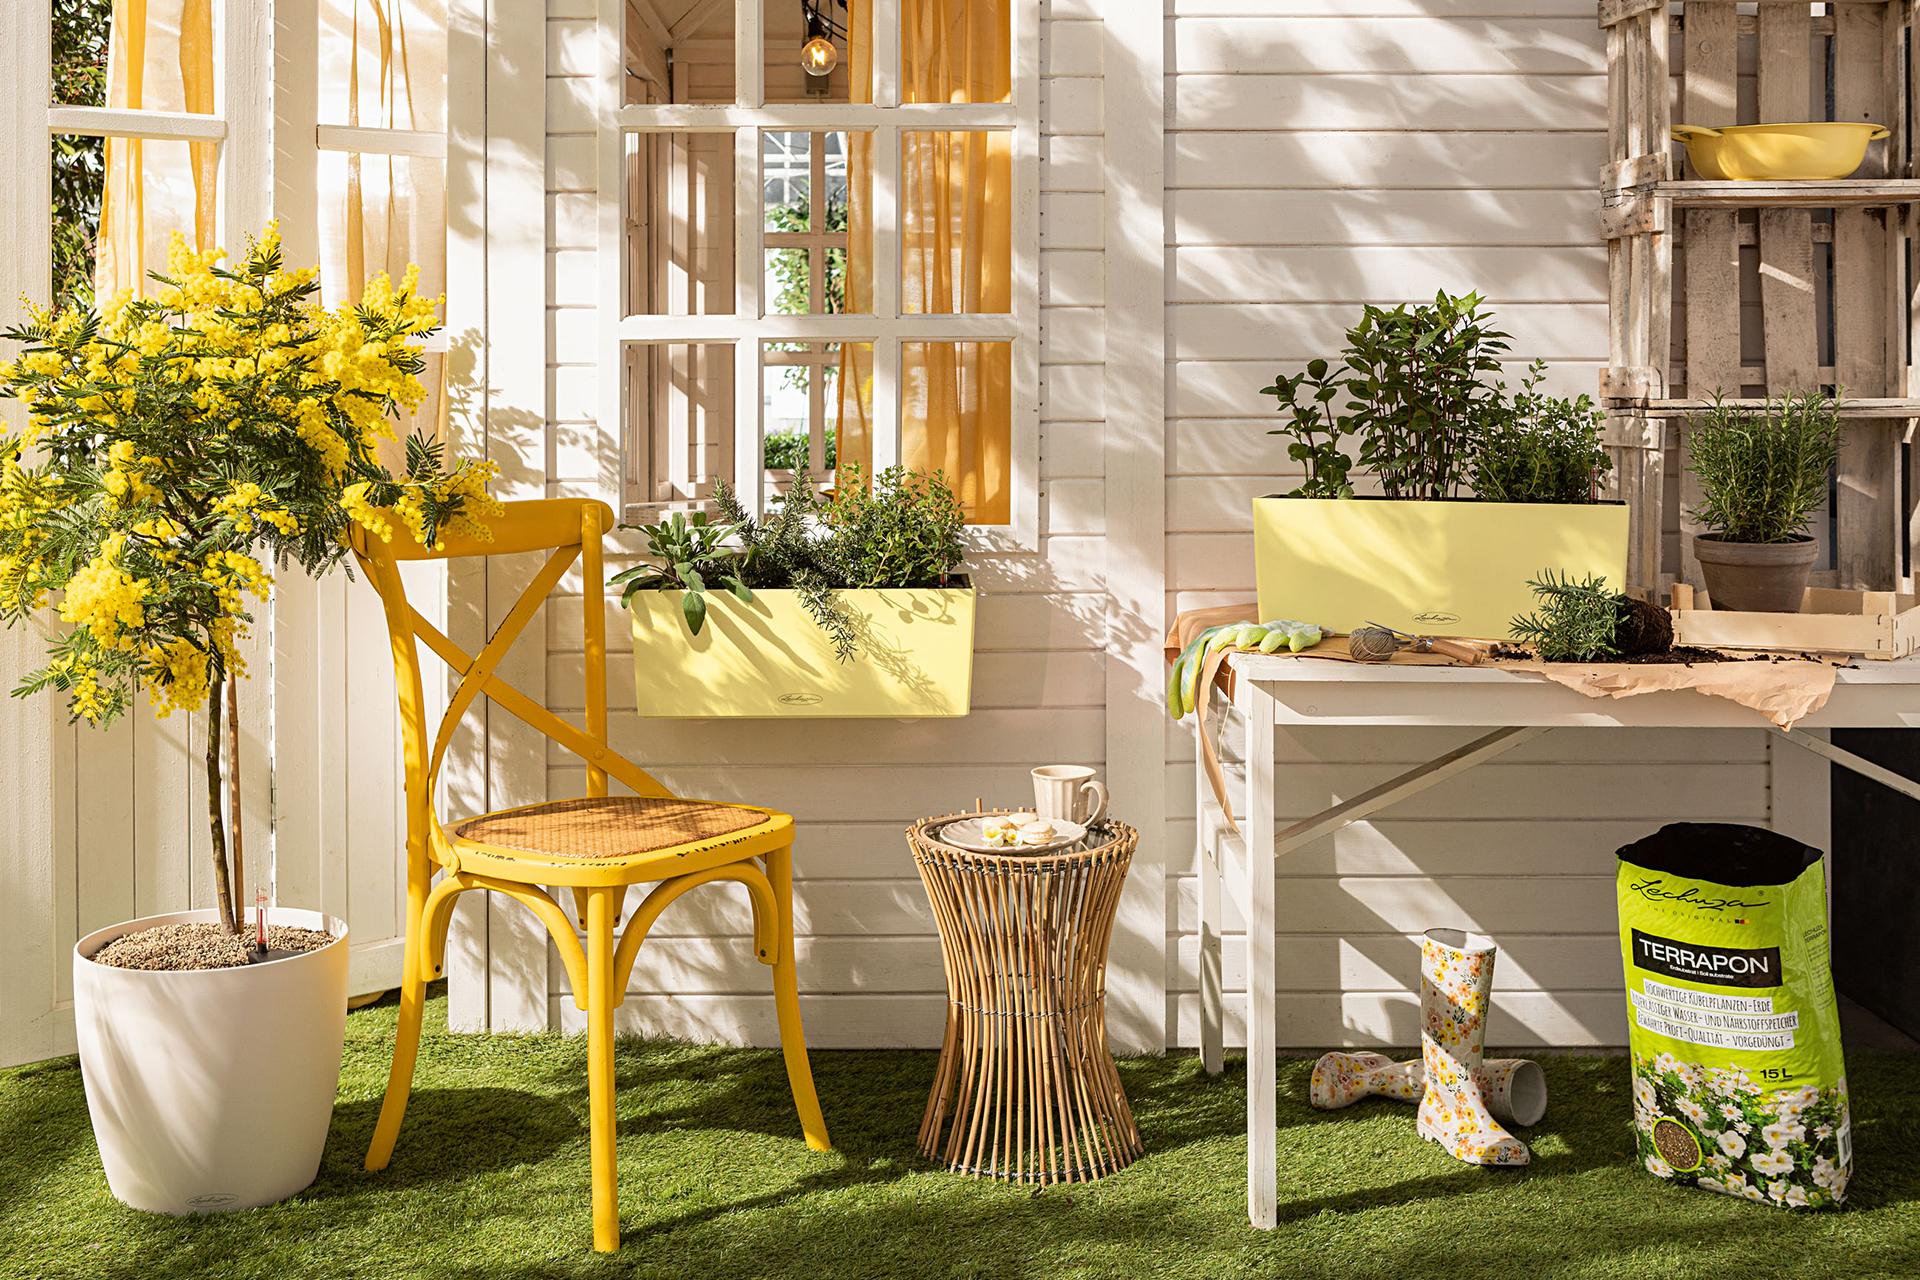 Zitroniges Gelb für den eigenen Balkon: BALCONERA in der Sonderfarbe Lemon